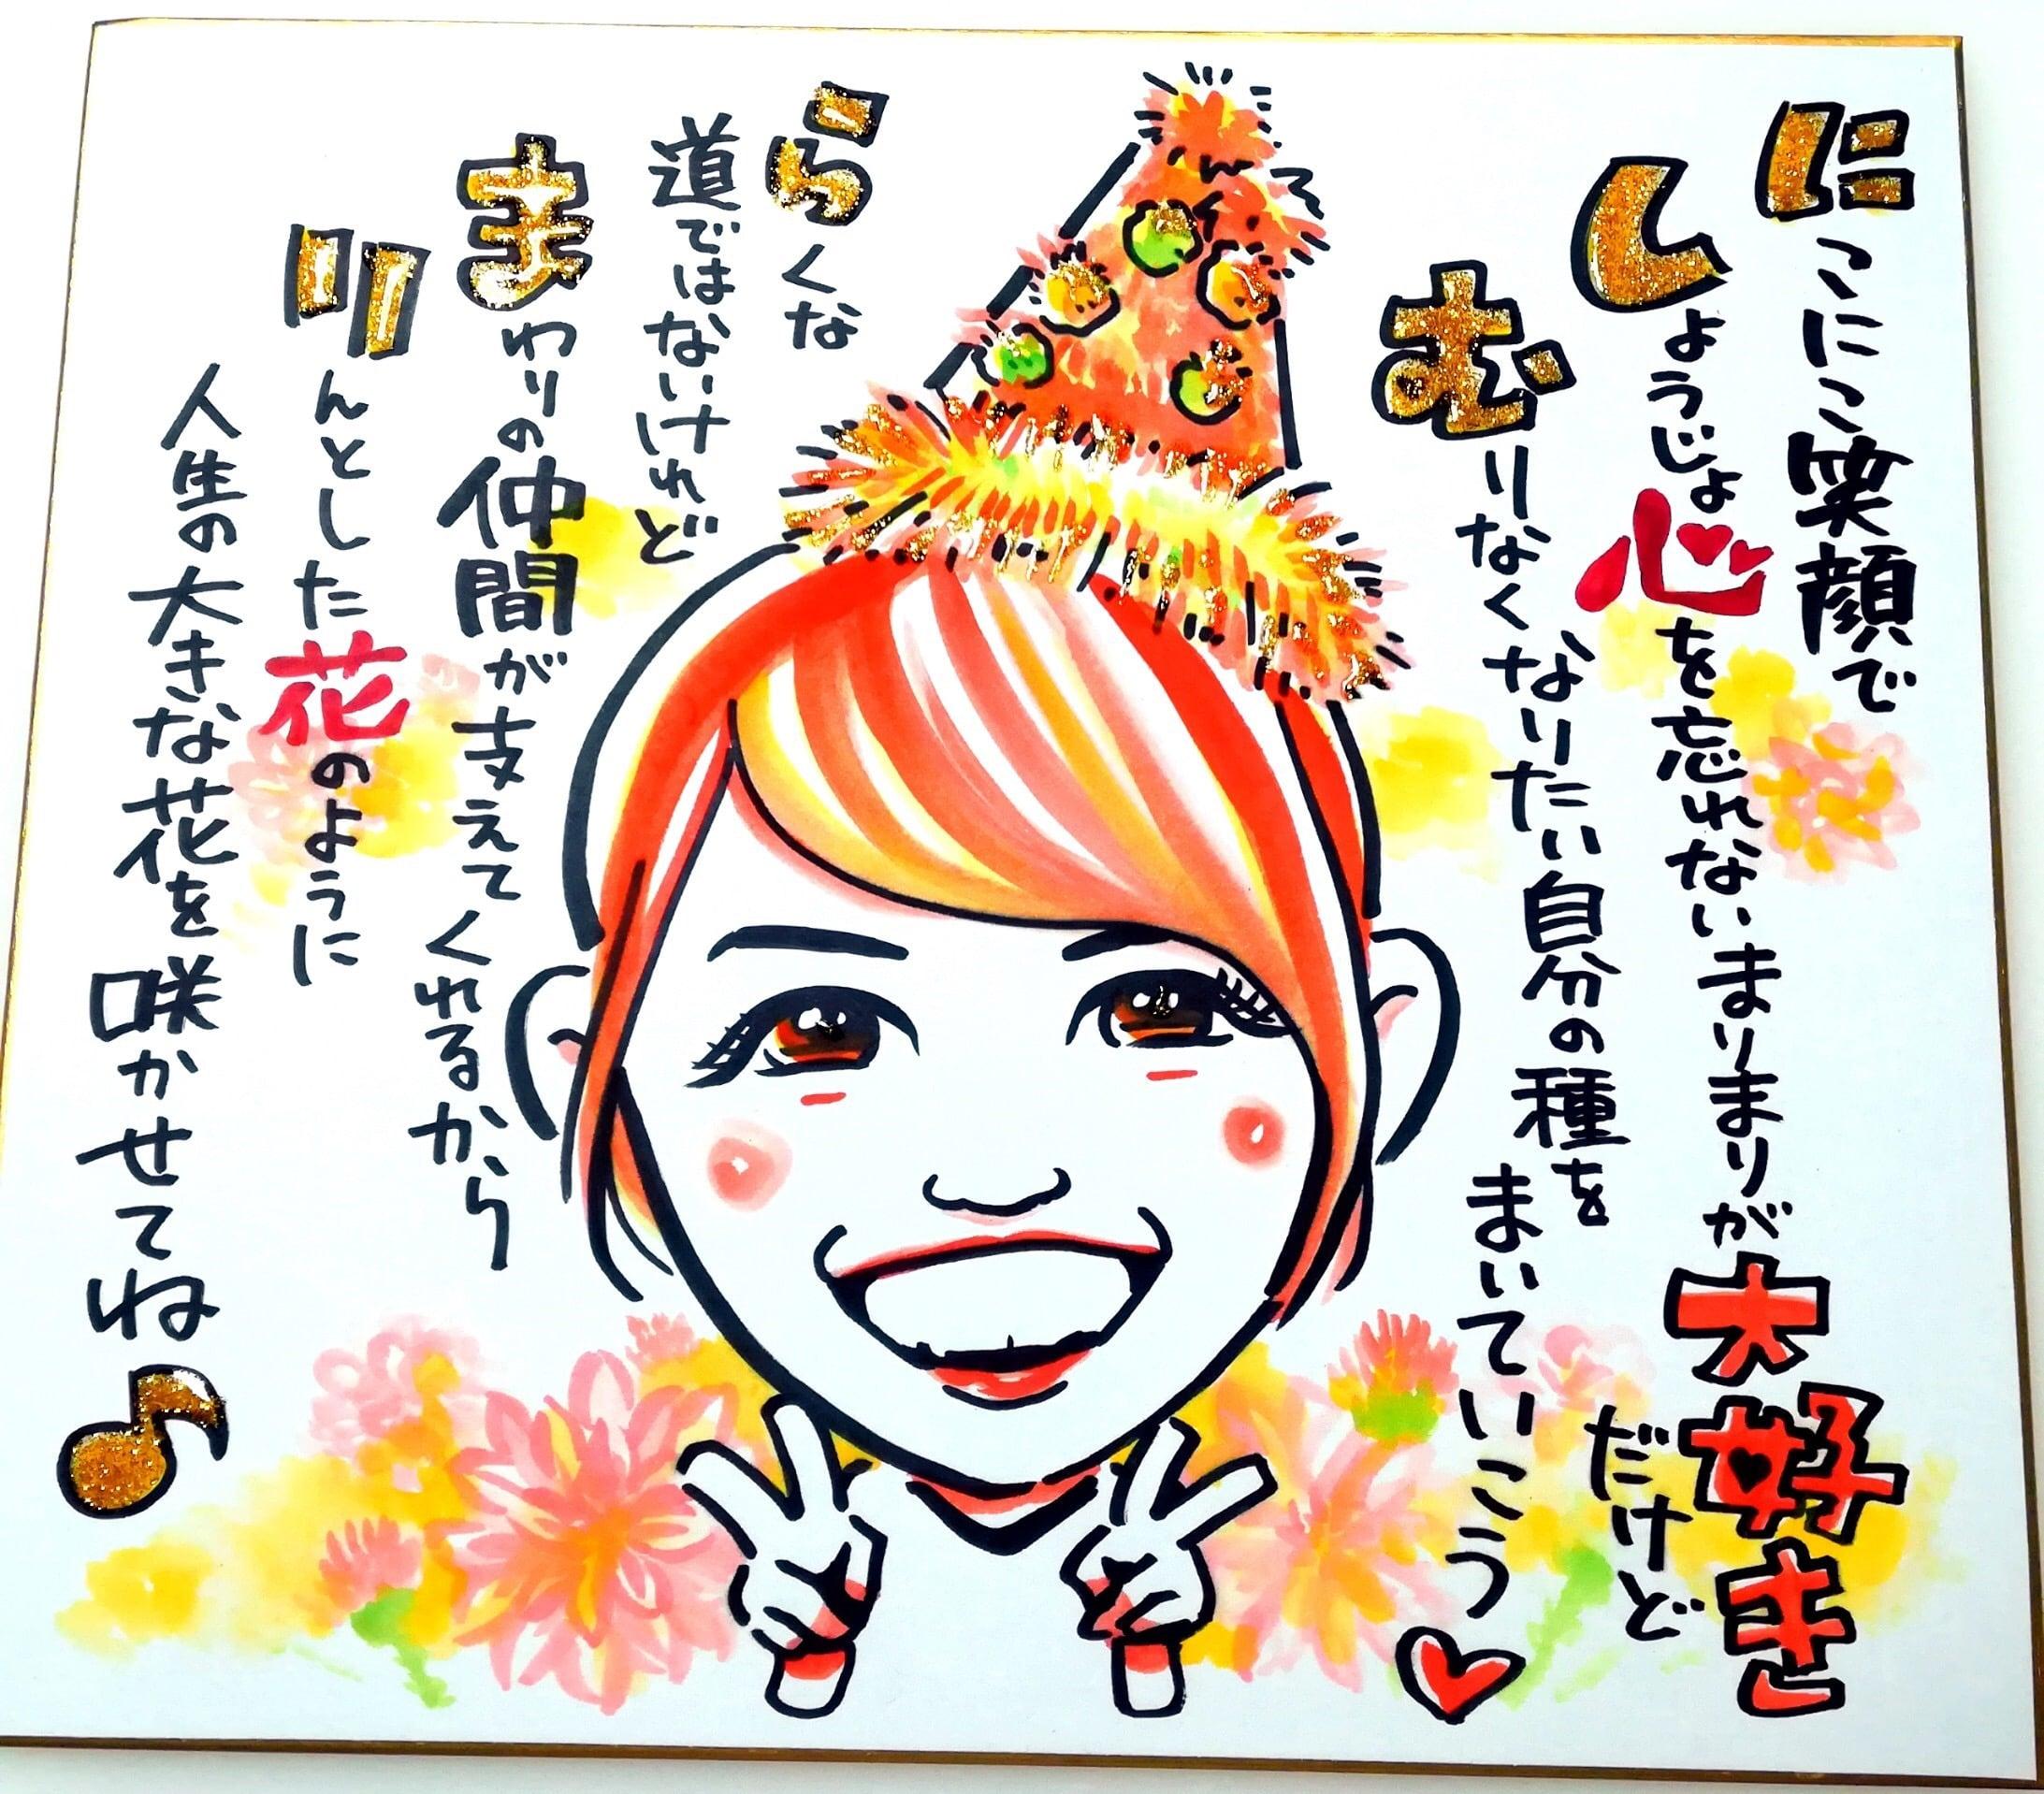 家族へ、友達へ サンクスボード 色紙サイズ 手描き 納期1ヶ月 1人 プランのイメージその2